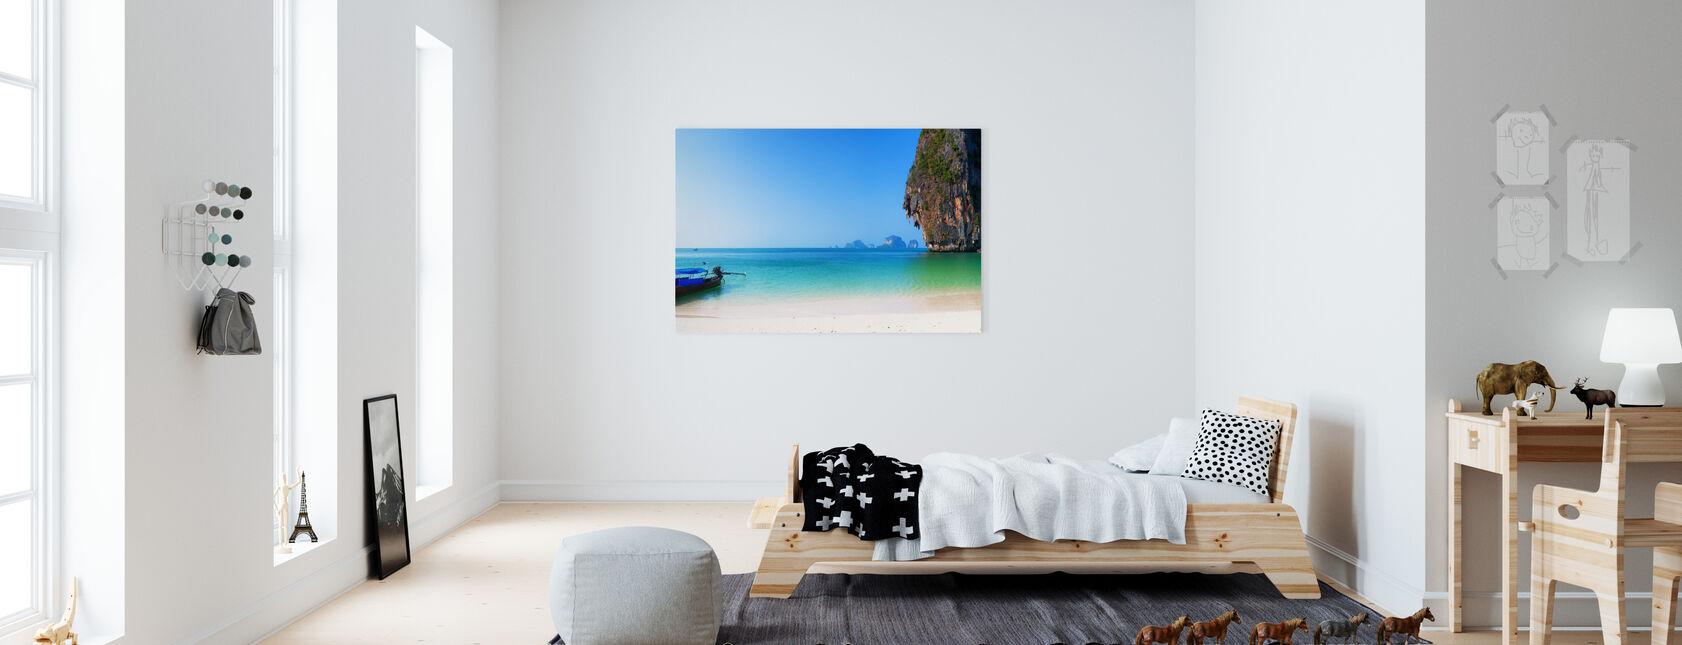 Thailand Island Beach - Canvas print - Kids Room